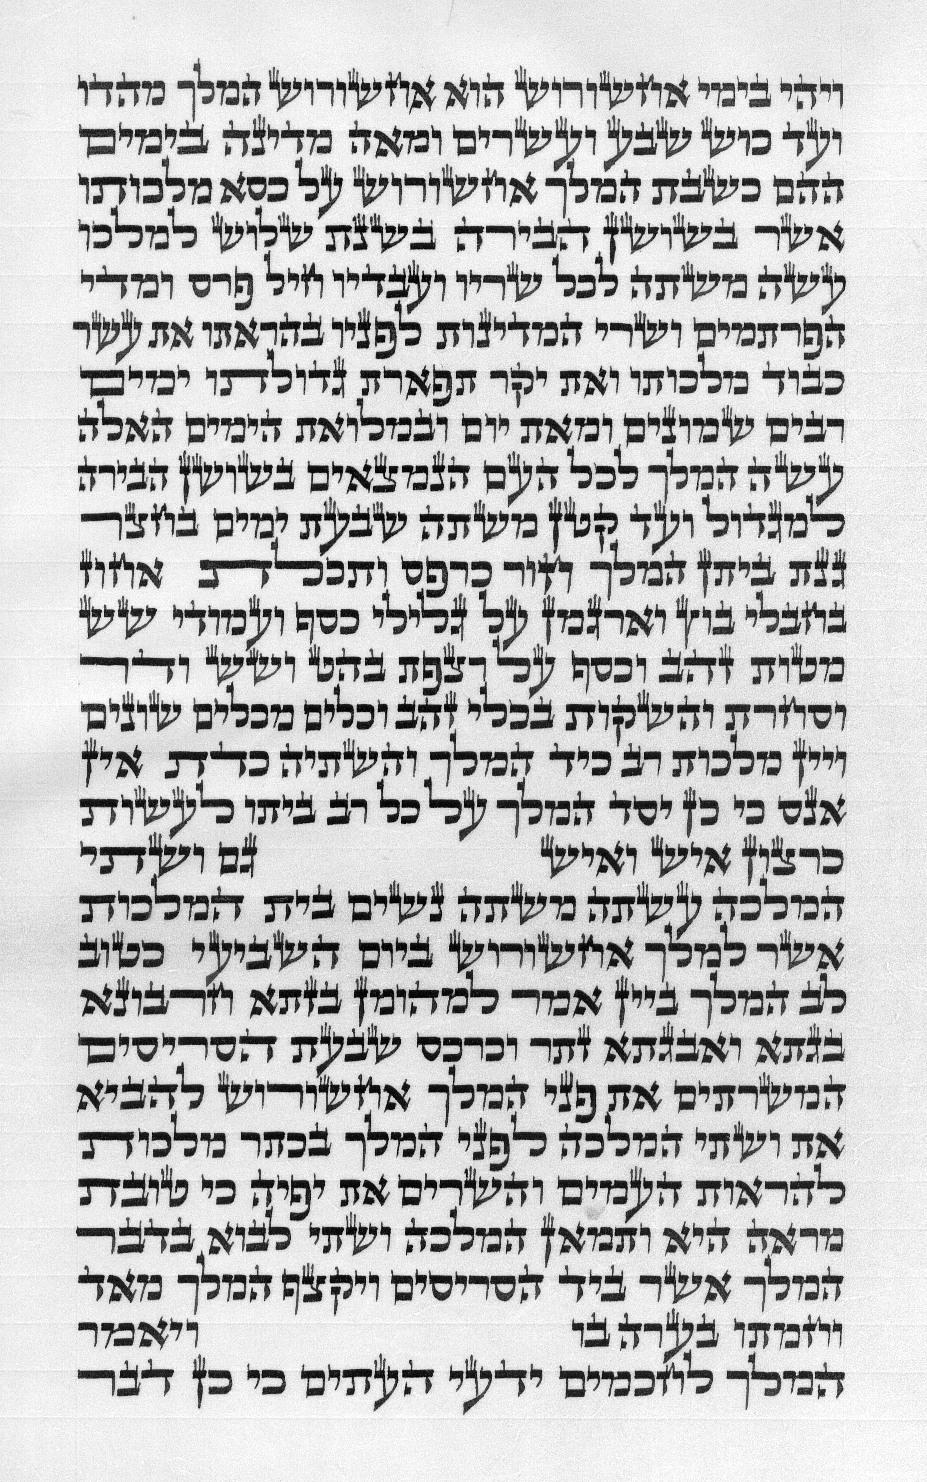 צילום קטע מגילת אסתר כא 28 עמוד א